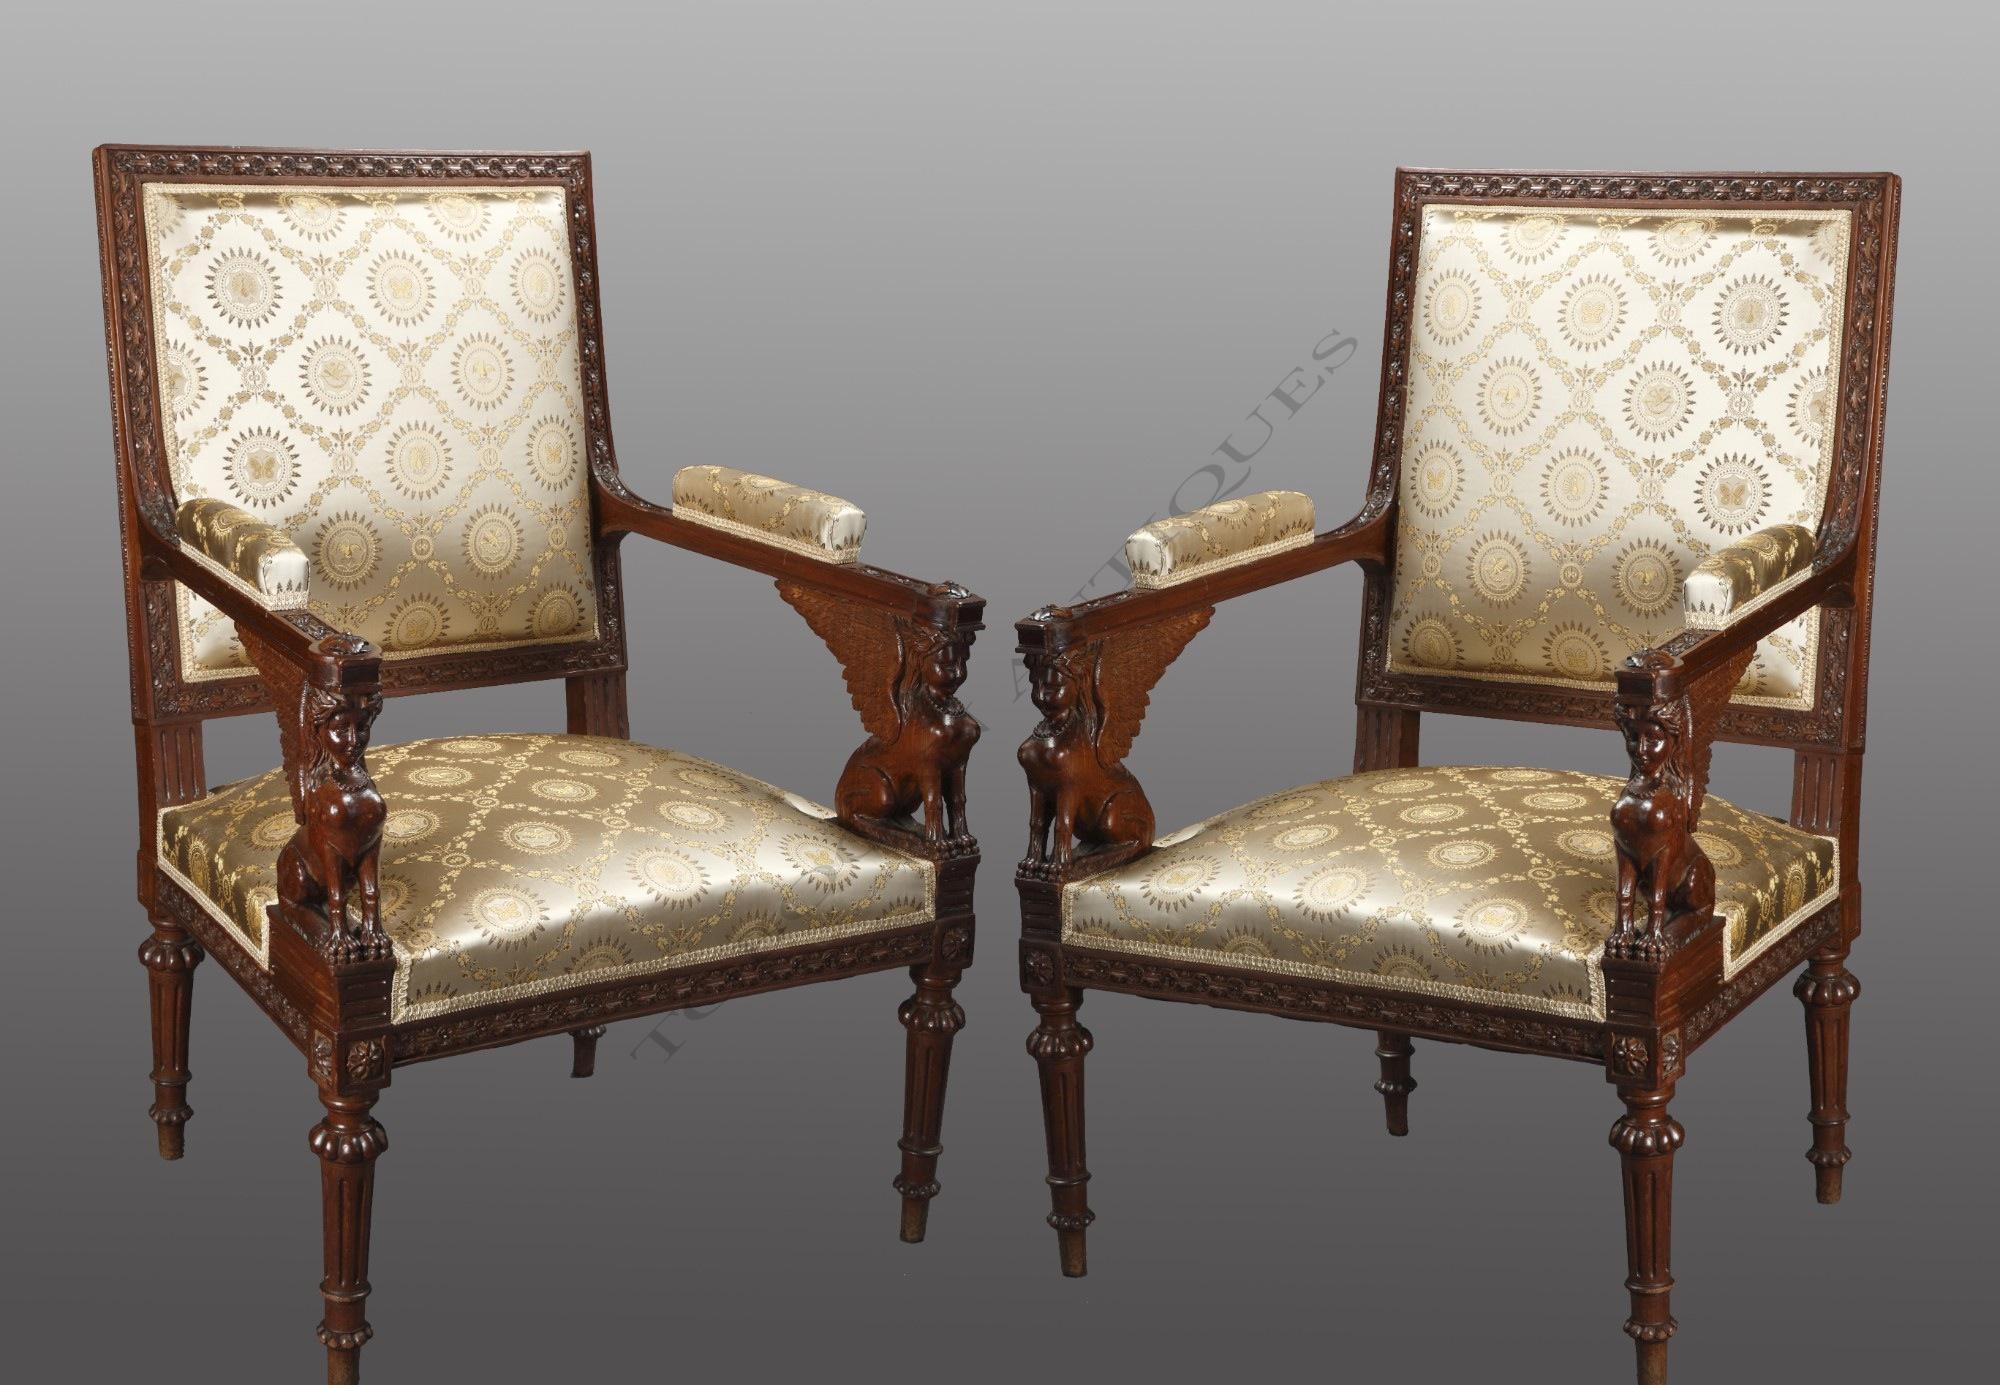 g jacob paire de fauteuils tobogan antiques. Black Bedroom Furniture Sets. Home Design Ideas